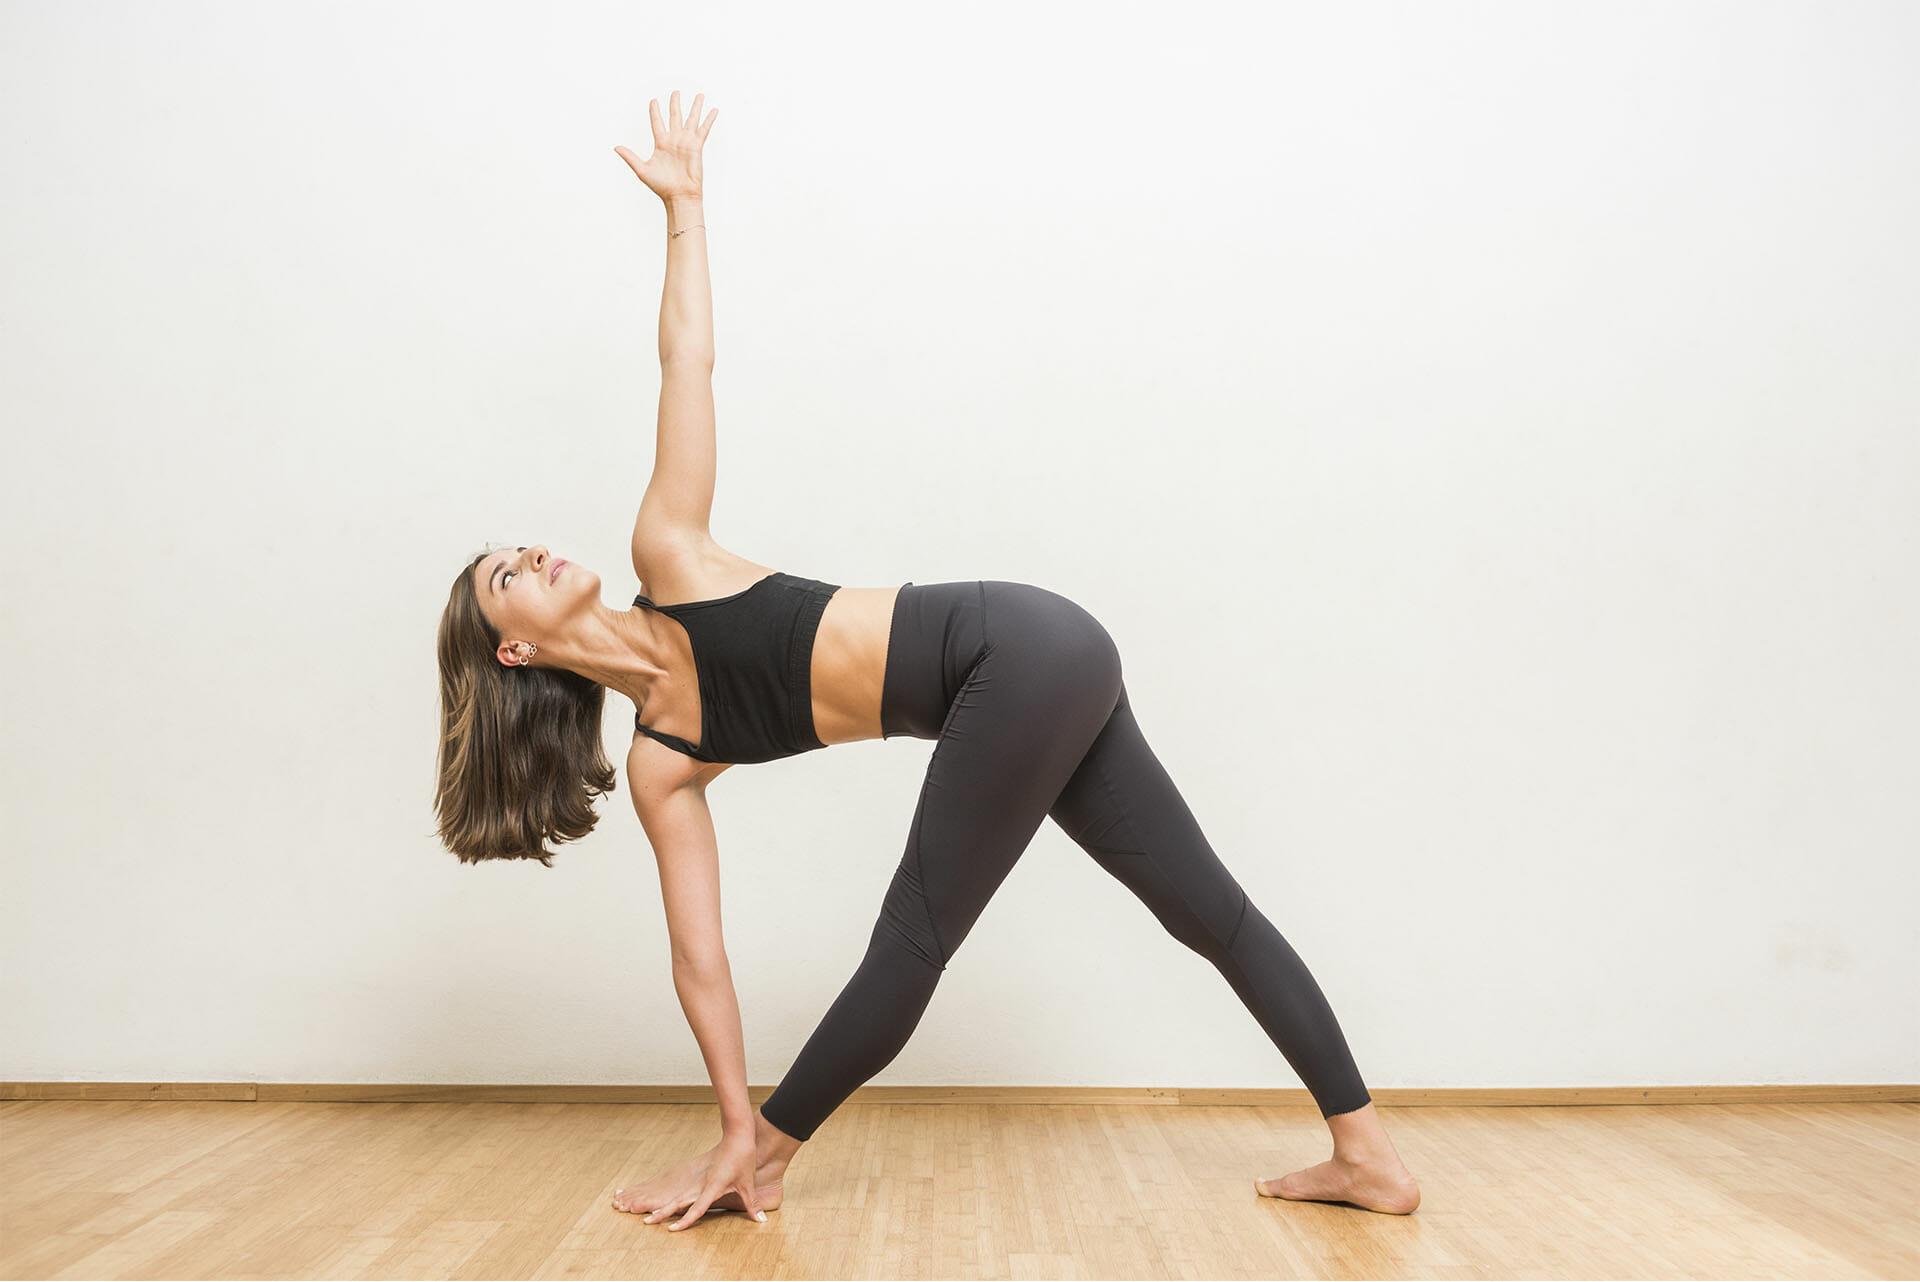 Iyengar. L aspetto più rilevante dell Iyengar è l allineamento del corpo. 542aac0b8769